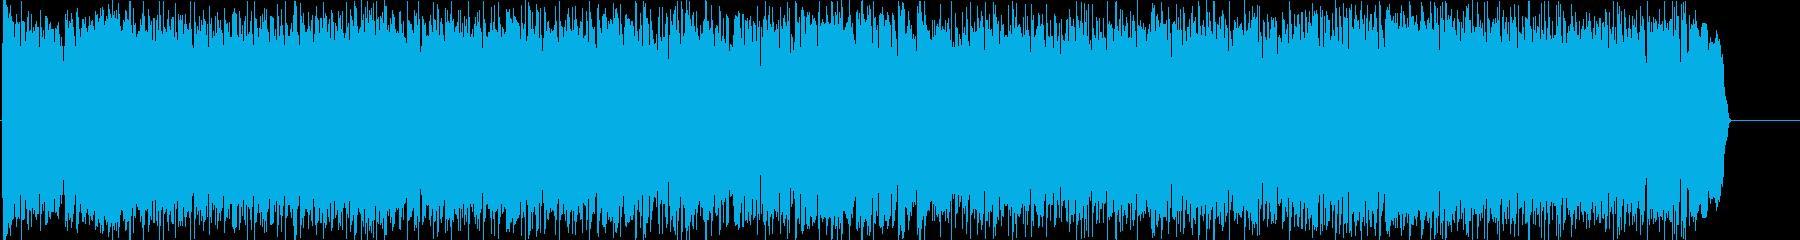 激しい スピード 力強い  スリルの再生済みの波形